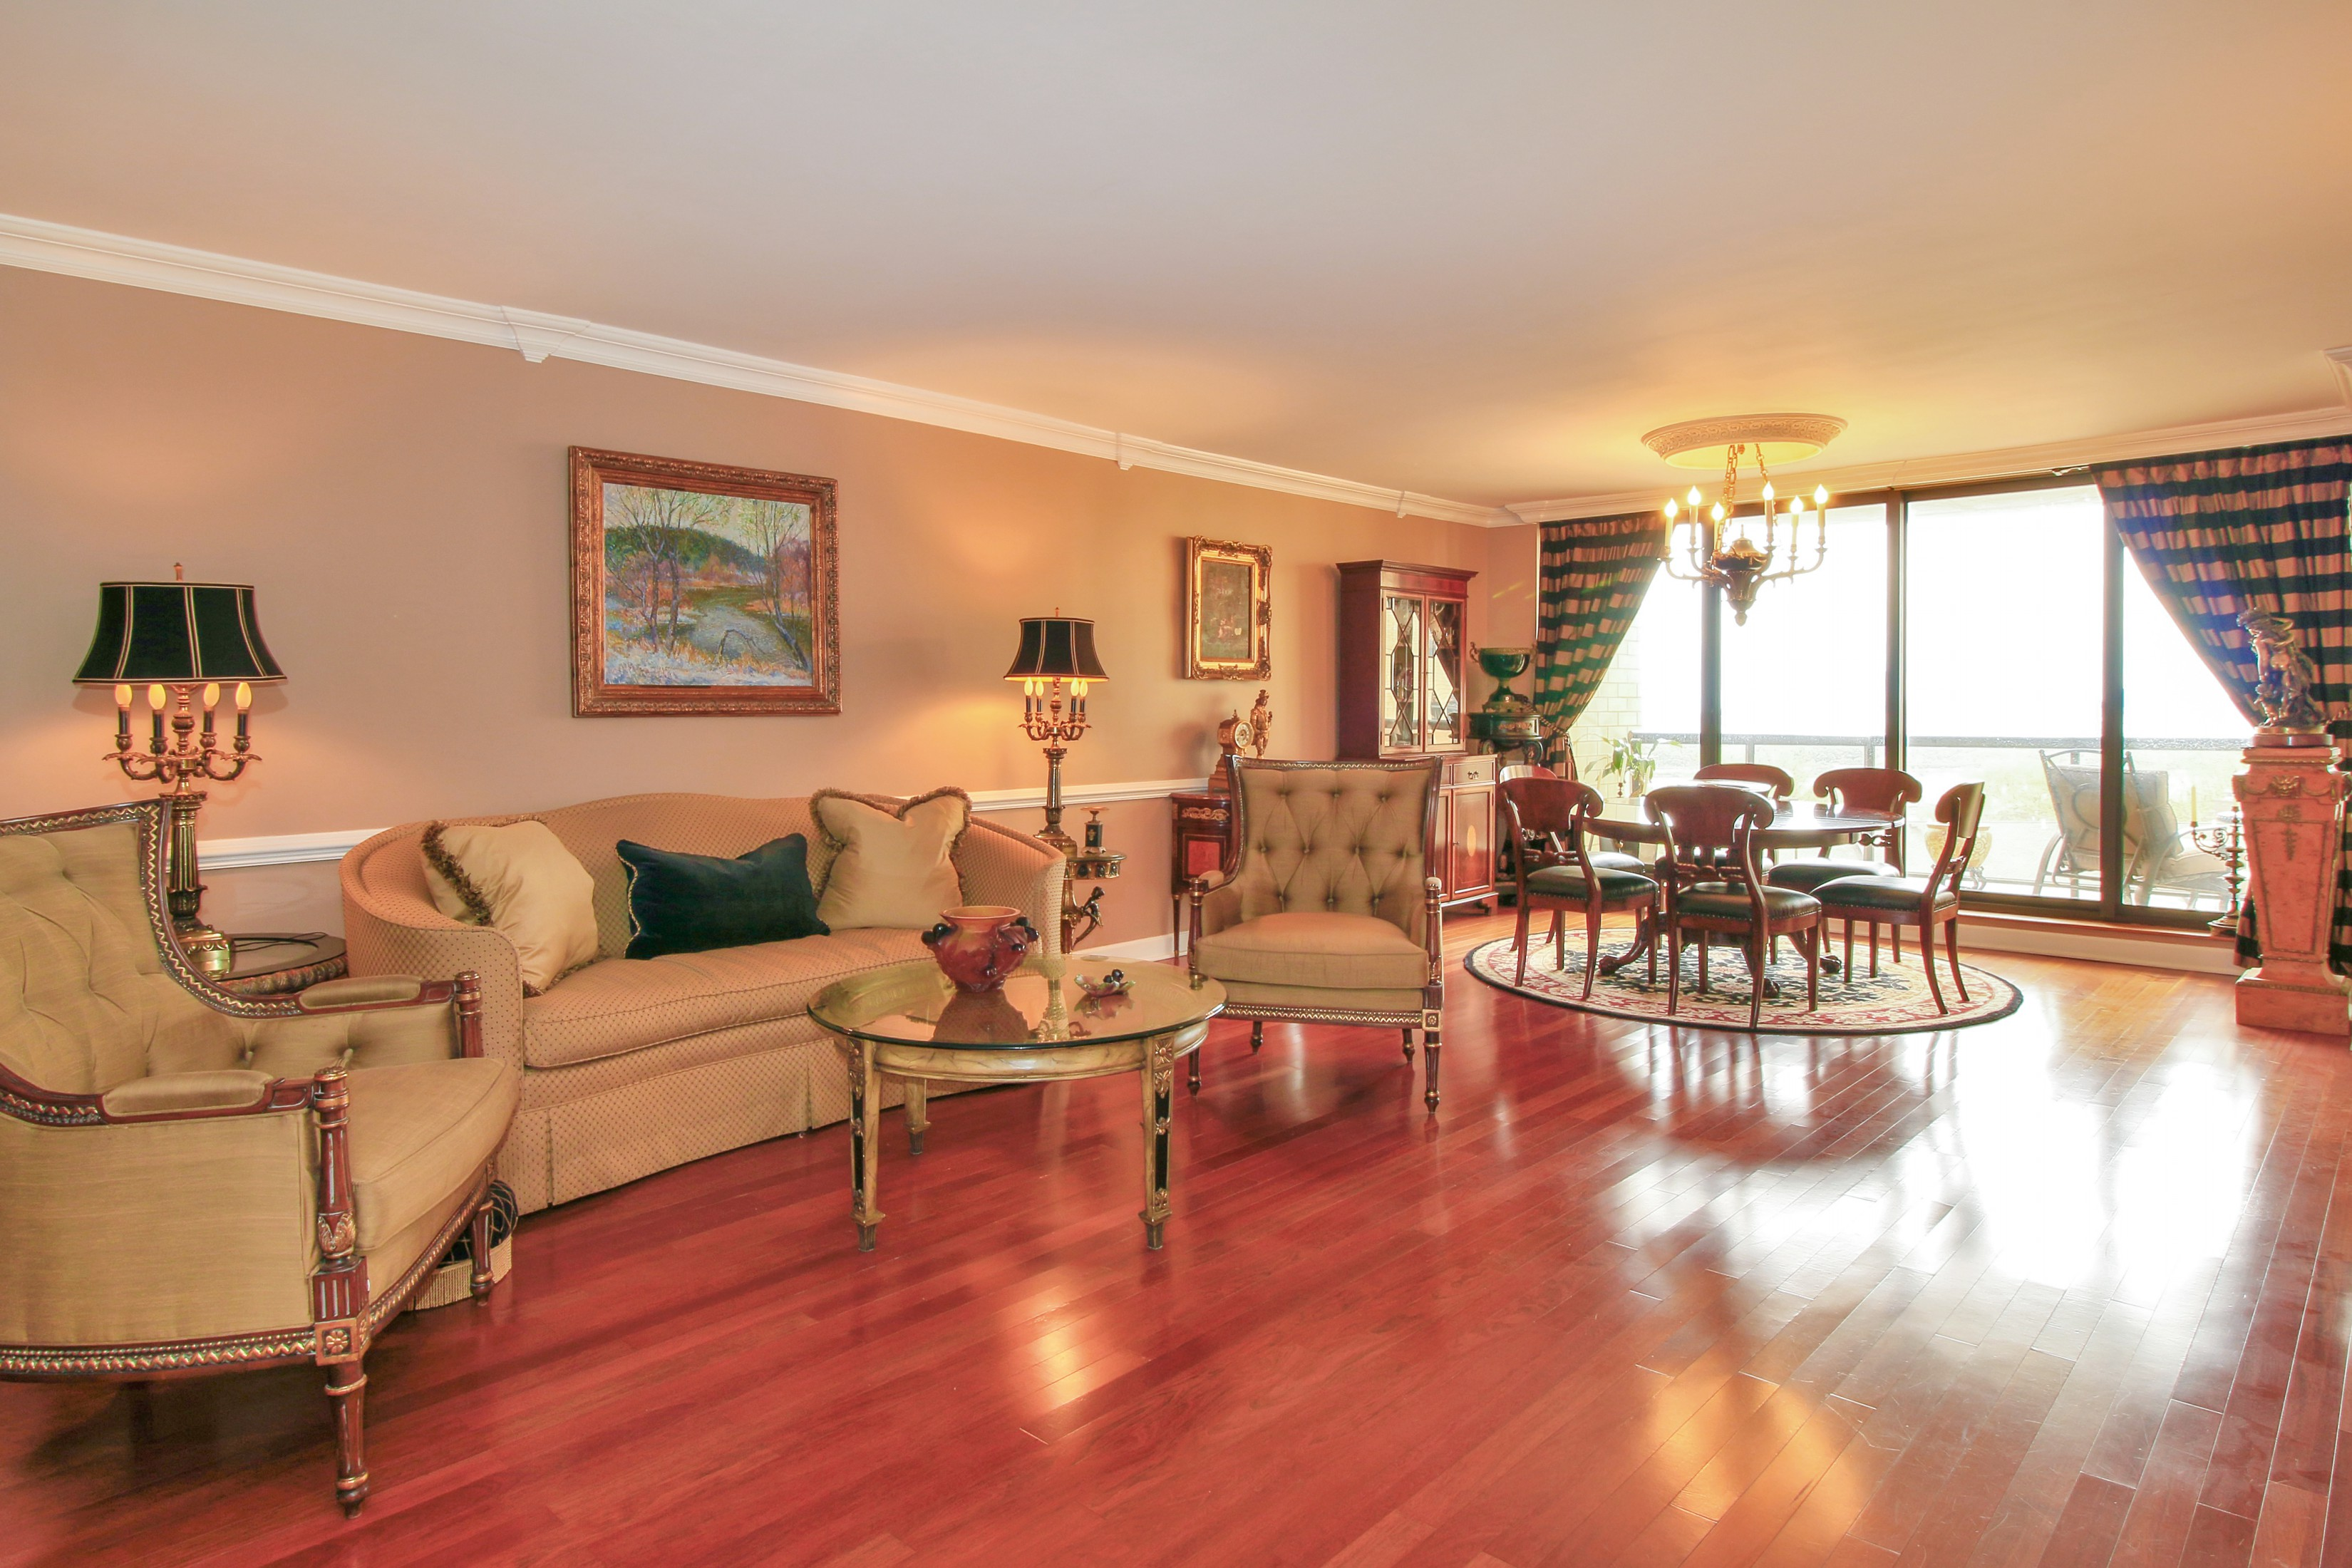 Кондоминиум для того Продажа на The Royal Buckingham 900 Palisade Avenue #6A Fort Lee, Нью-Джерси 07024 Соединенные Штаты